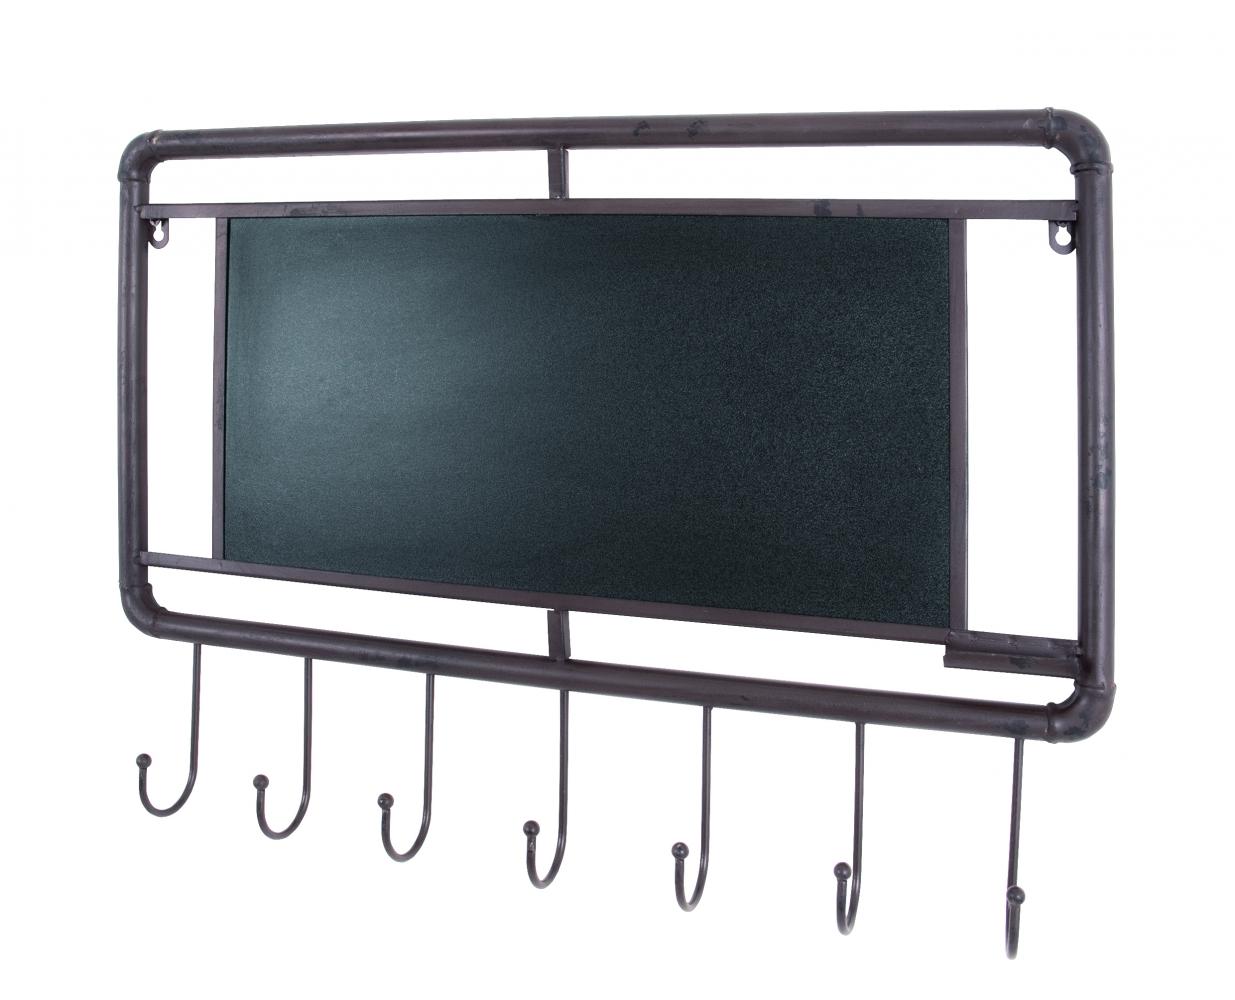 Nástěnný věšák s tabulí Chalk, 65 cm, hnědá